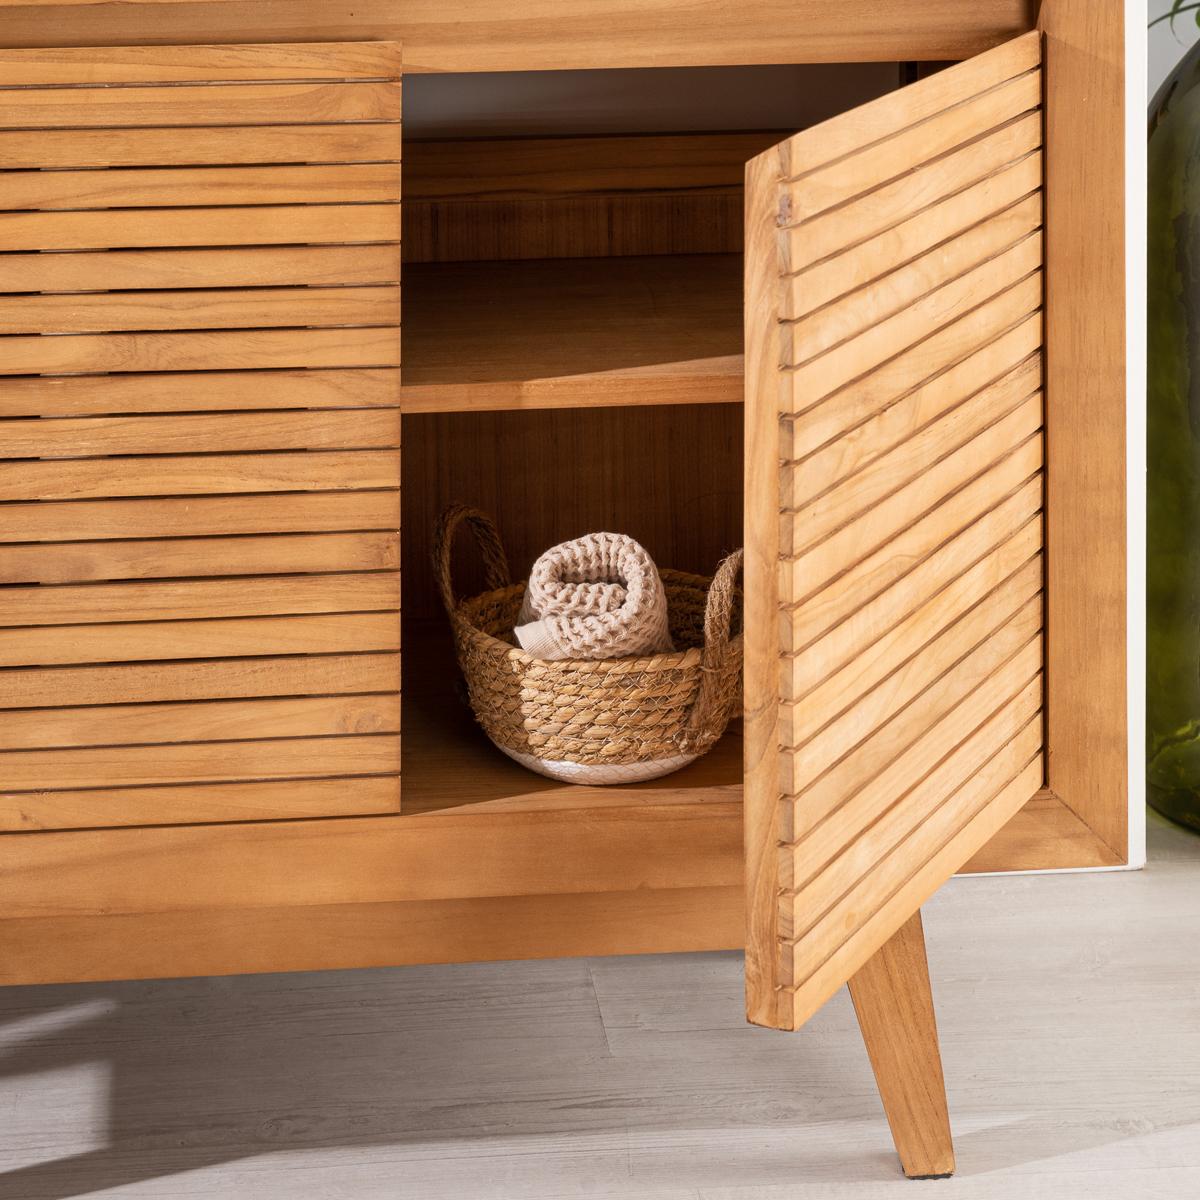 Meuble sous vasque simple vasque en bois teck massif vintage naturel l 90 cm - Meuble sdb ontwerpen ...